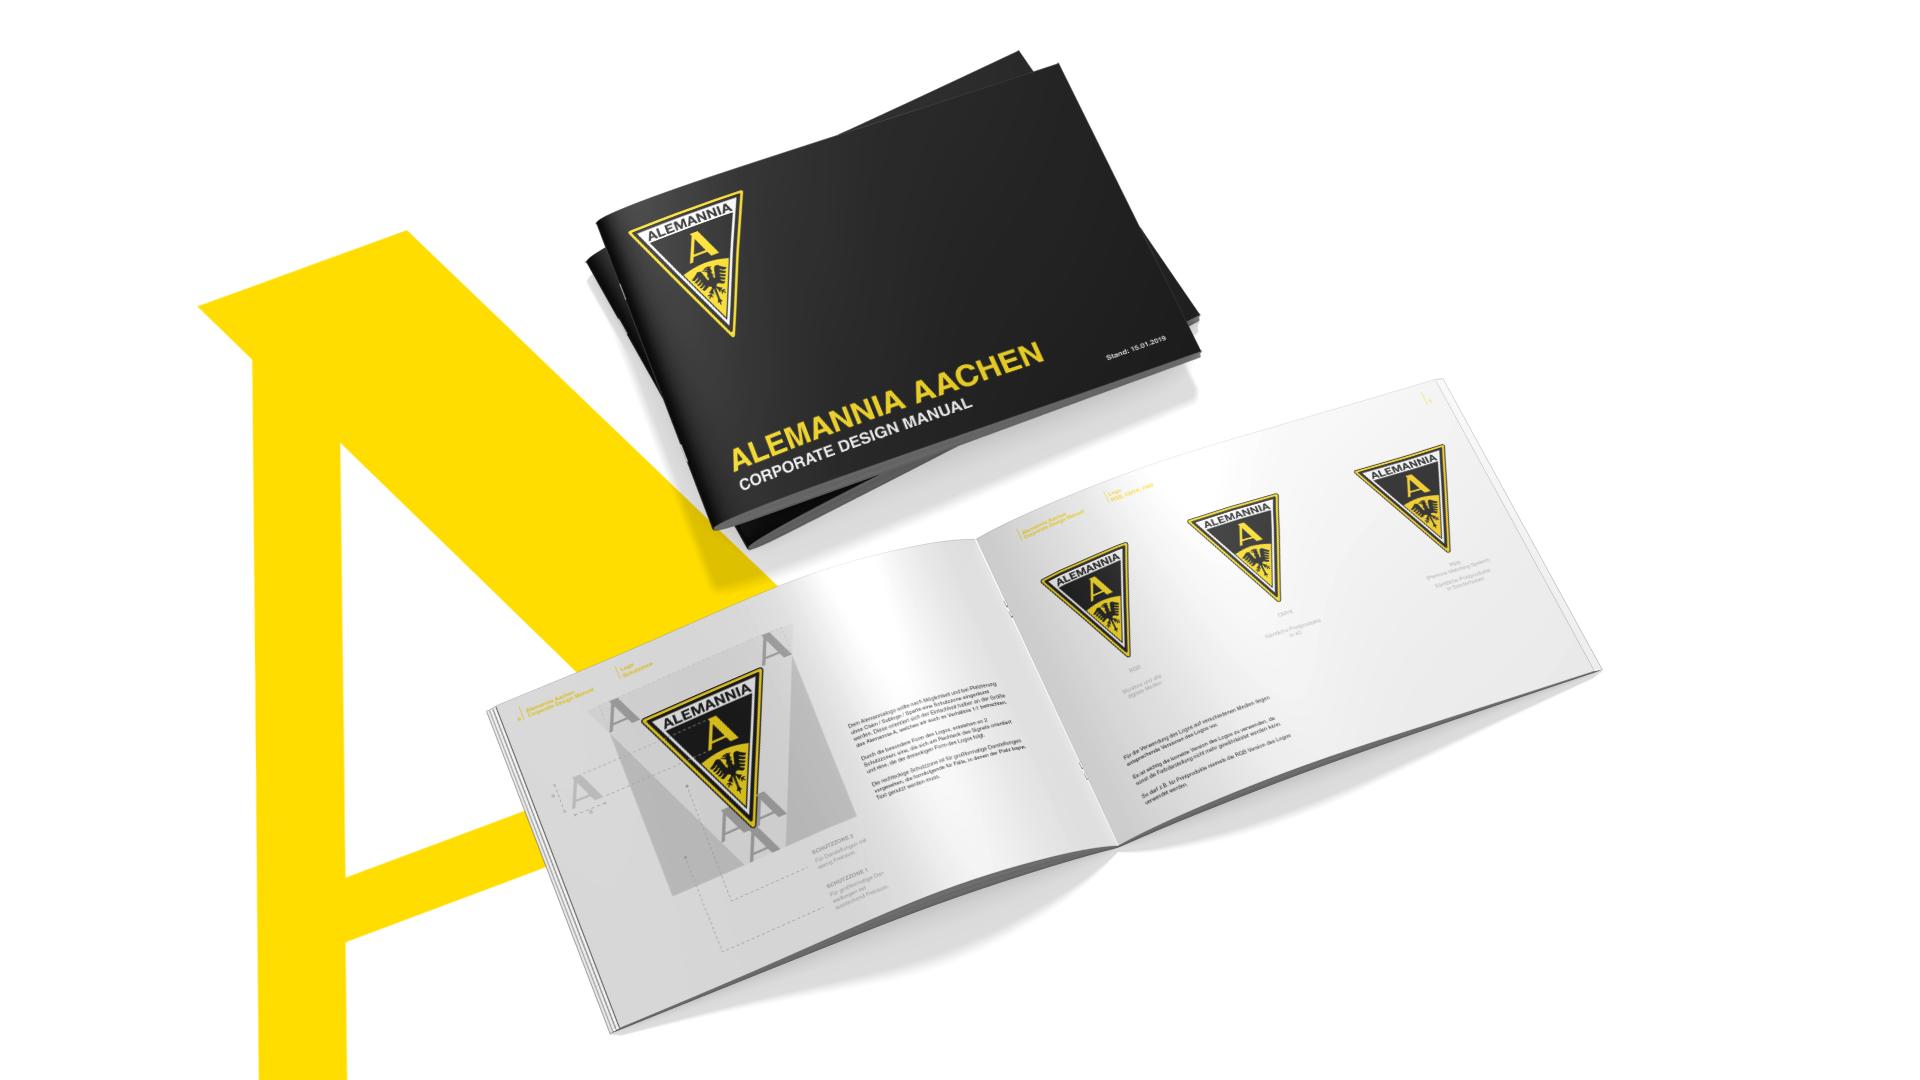 Titelseite und aufgeschlagene Innenseiten des Corporate Design Manuals für die TSV Alemannia Aachen GmbH.